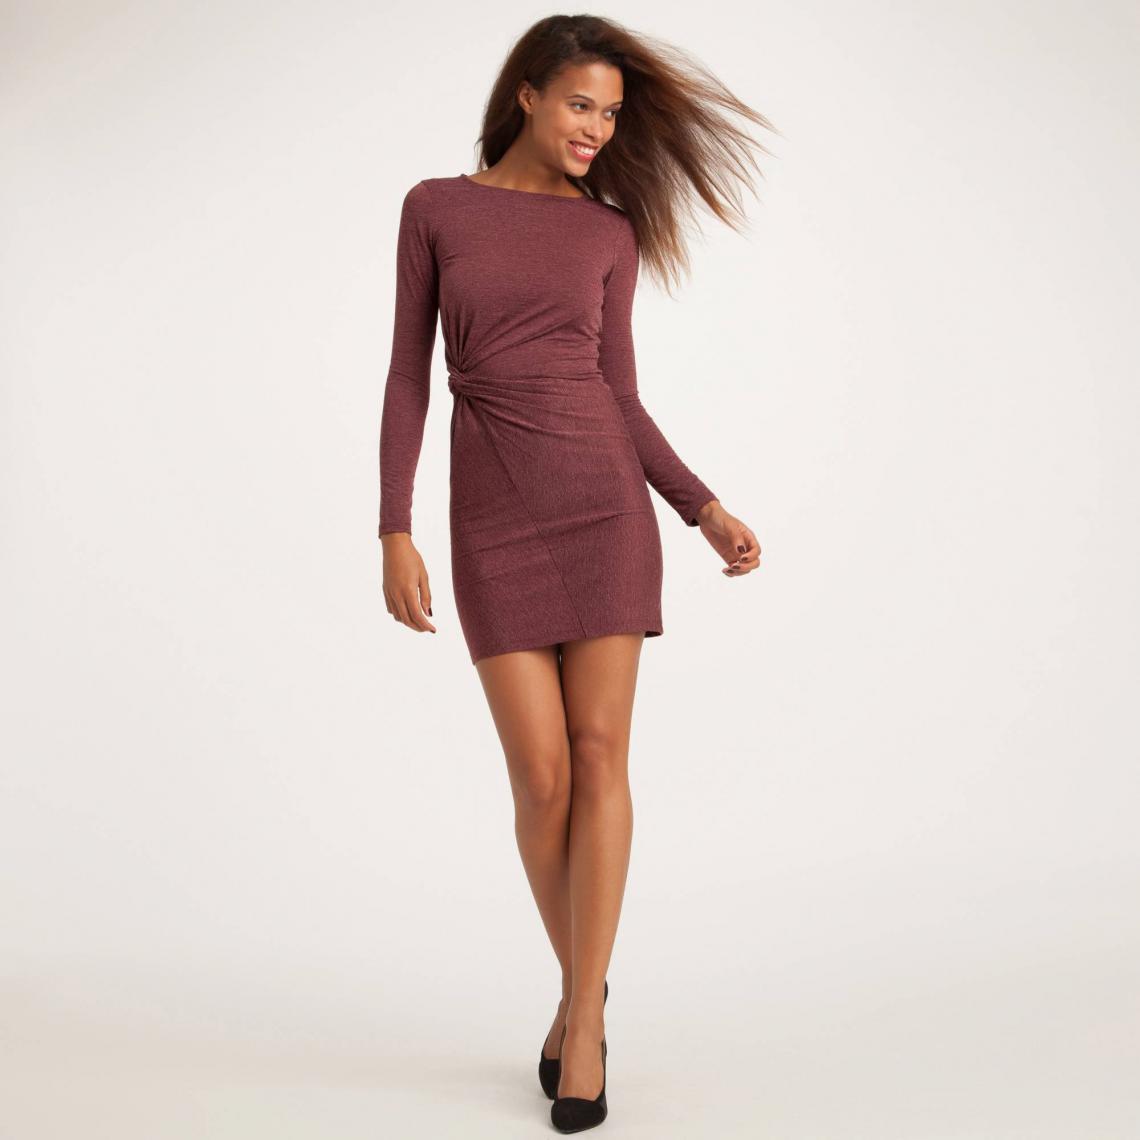 7ca71f55d69e6 Robe drapée manches longues en maille femme 3 SUISSES Collection - Rouge 3  SUISSES Collection